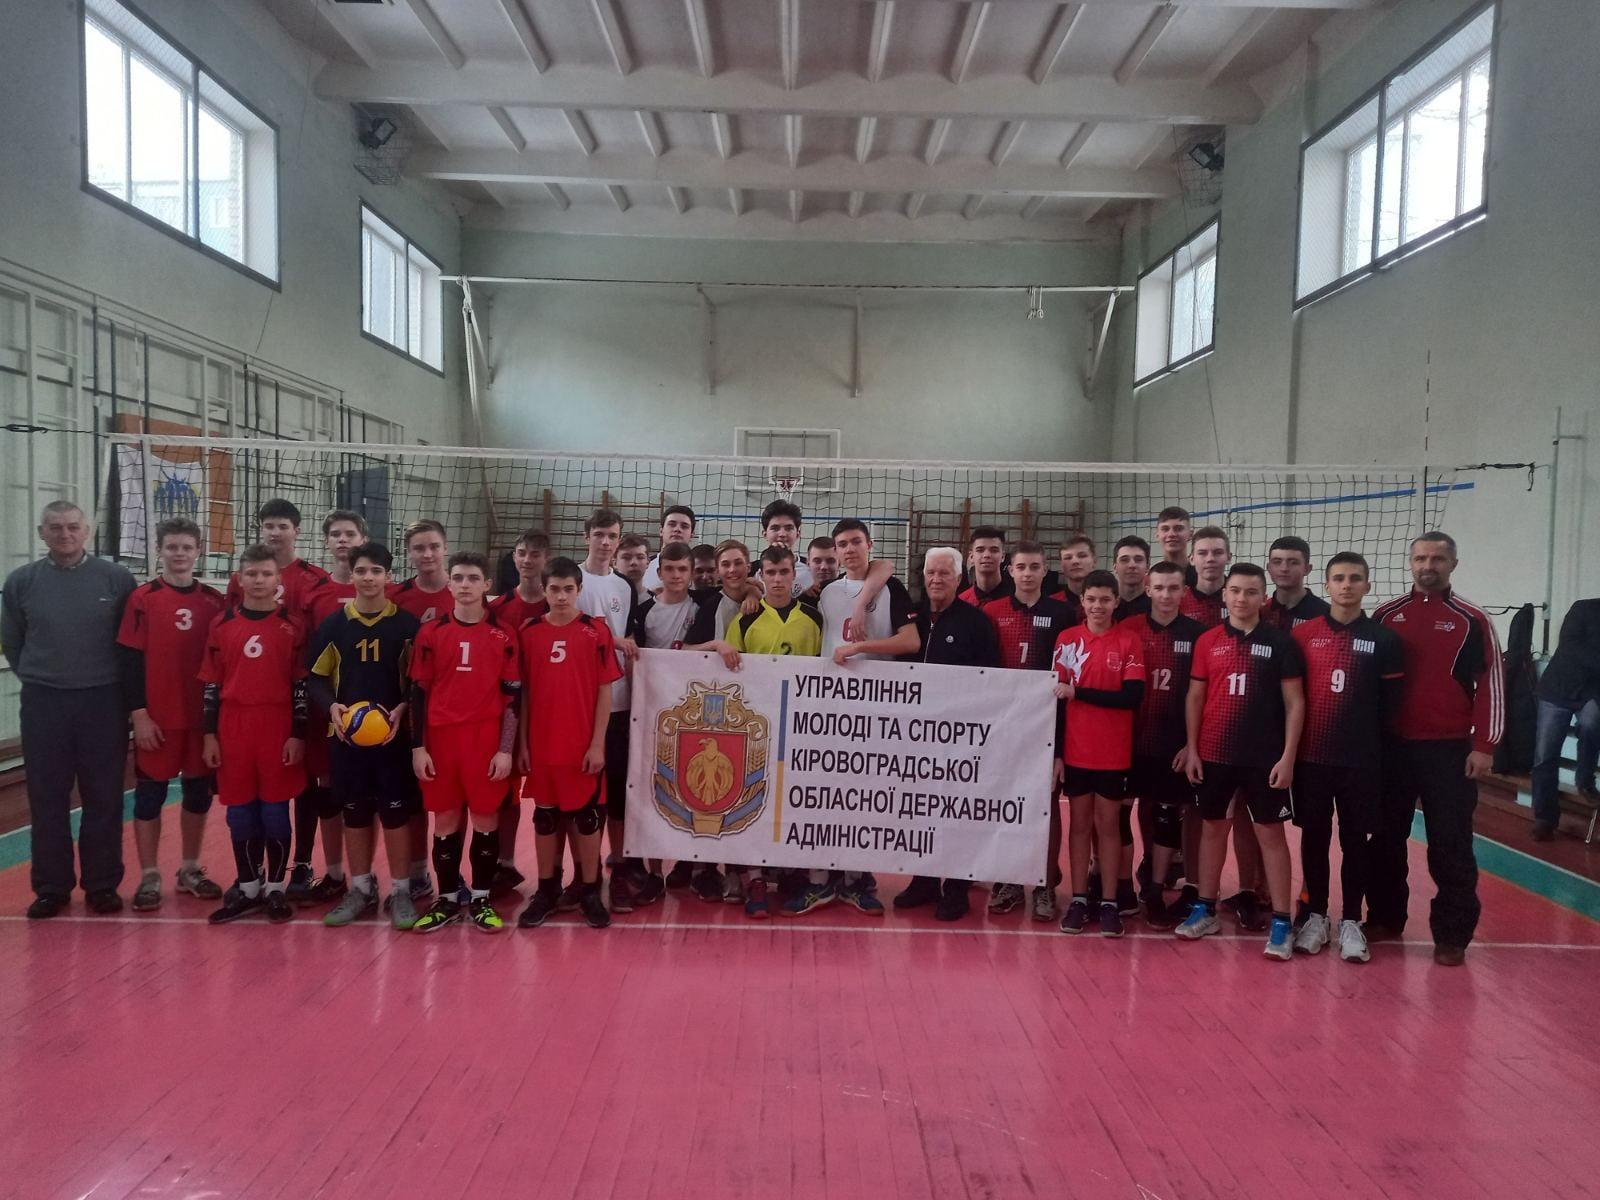 Юні олексaндрійці стaли чемпіонaми облaсті з волейболу